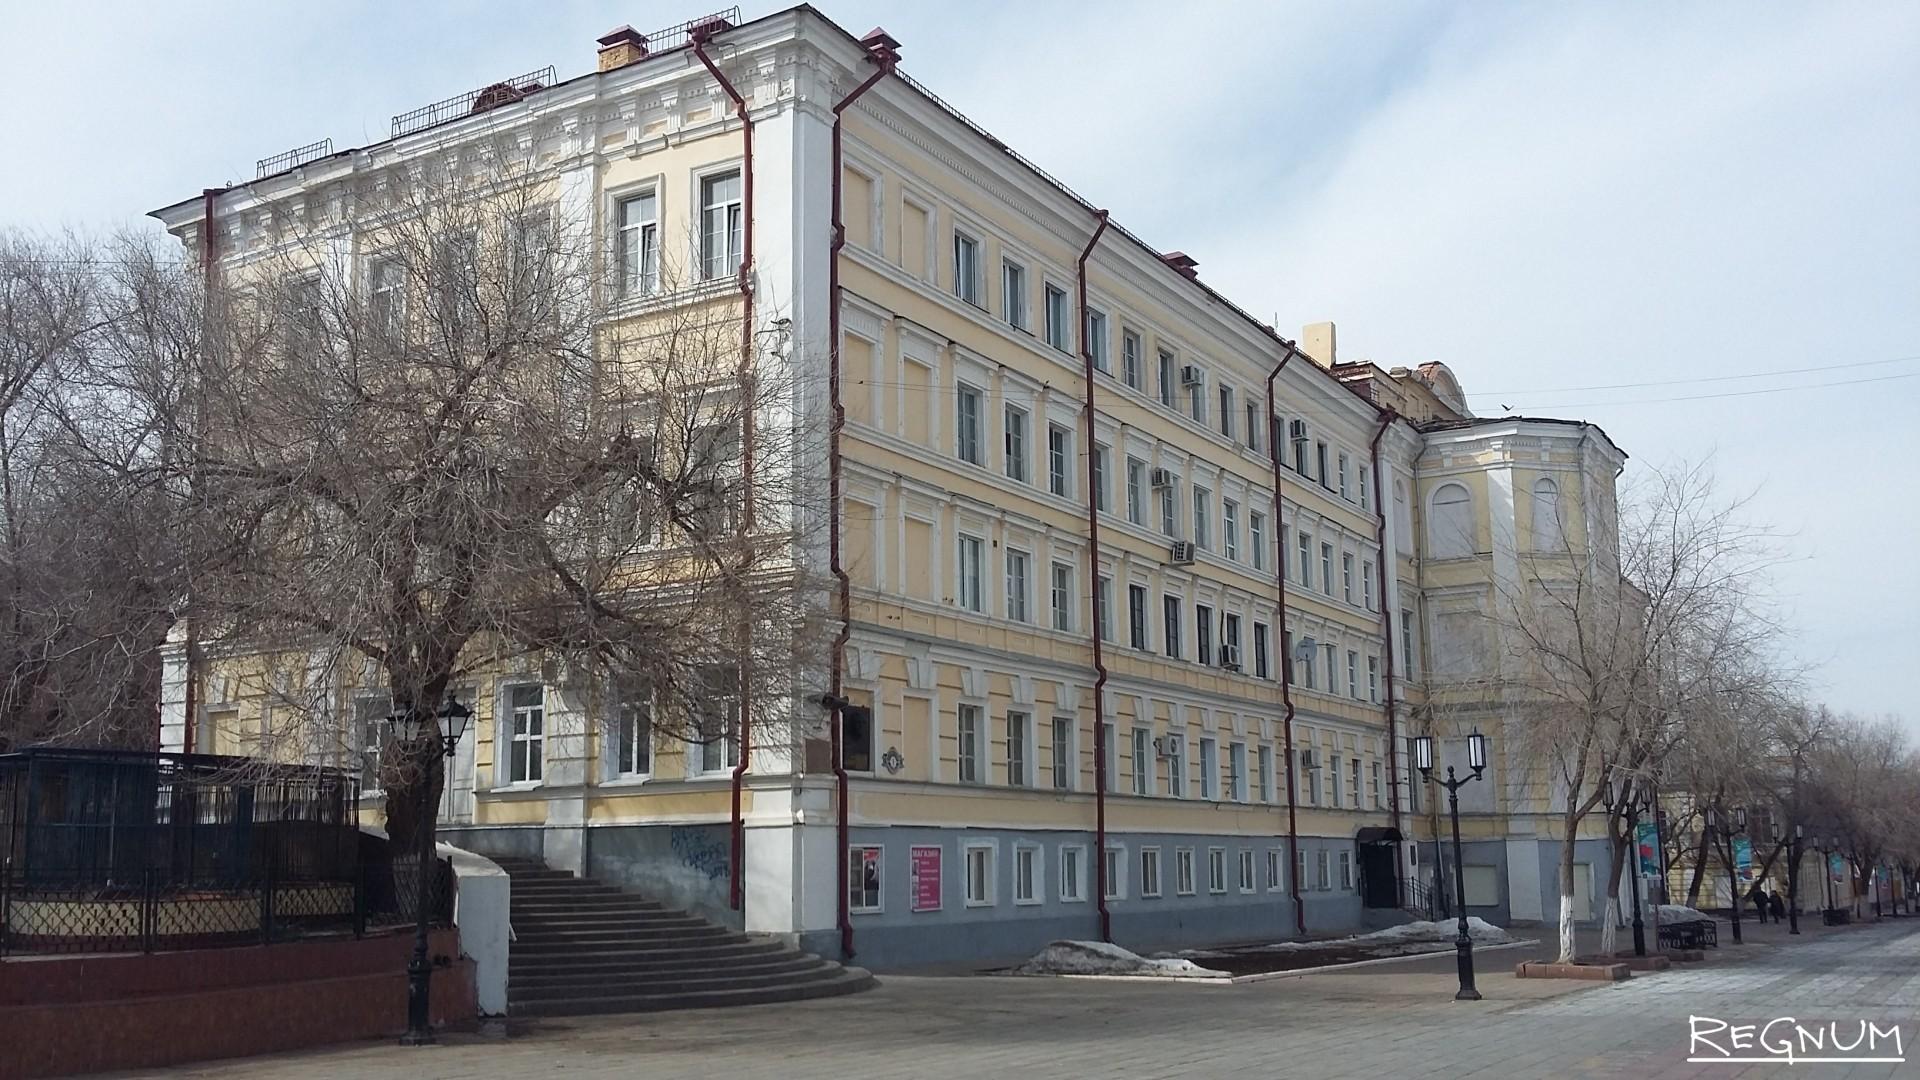 Здание бывшего легендарного авиаучилища, в котором учился Юрий Гагарин. Комплекс передан на баланс Оренбургской области, нуждается в реставрации и капитальном ремонте